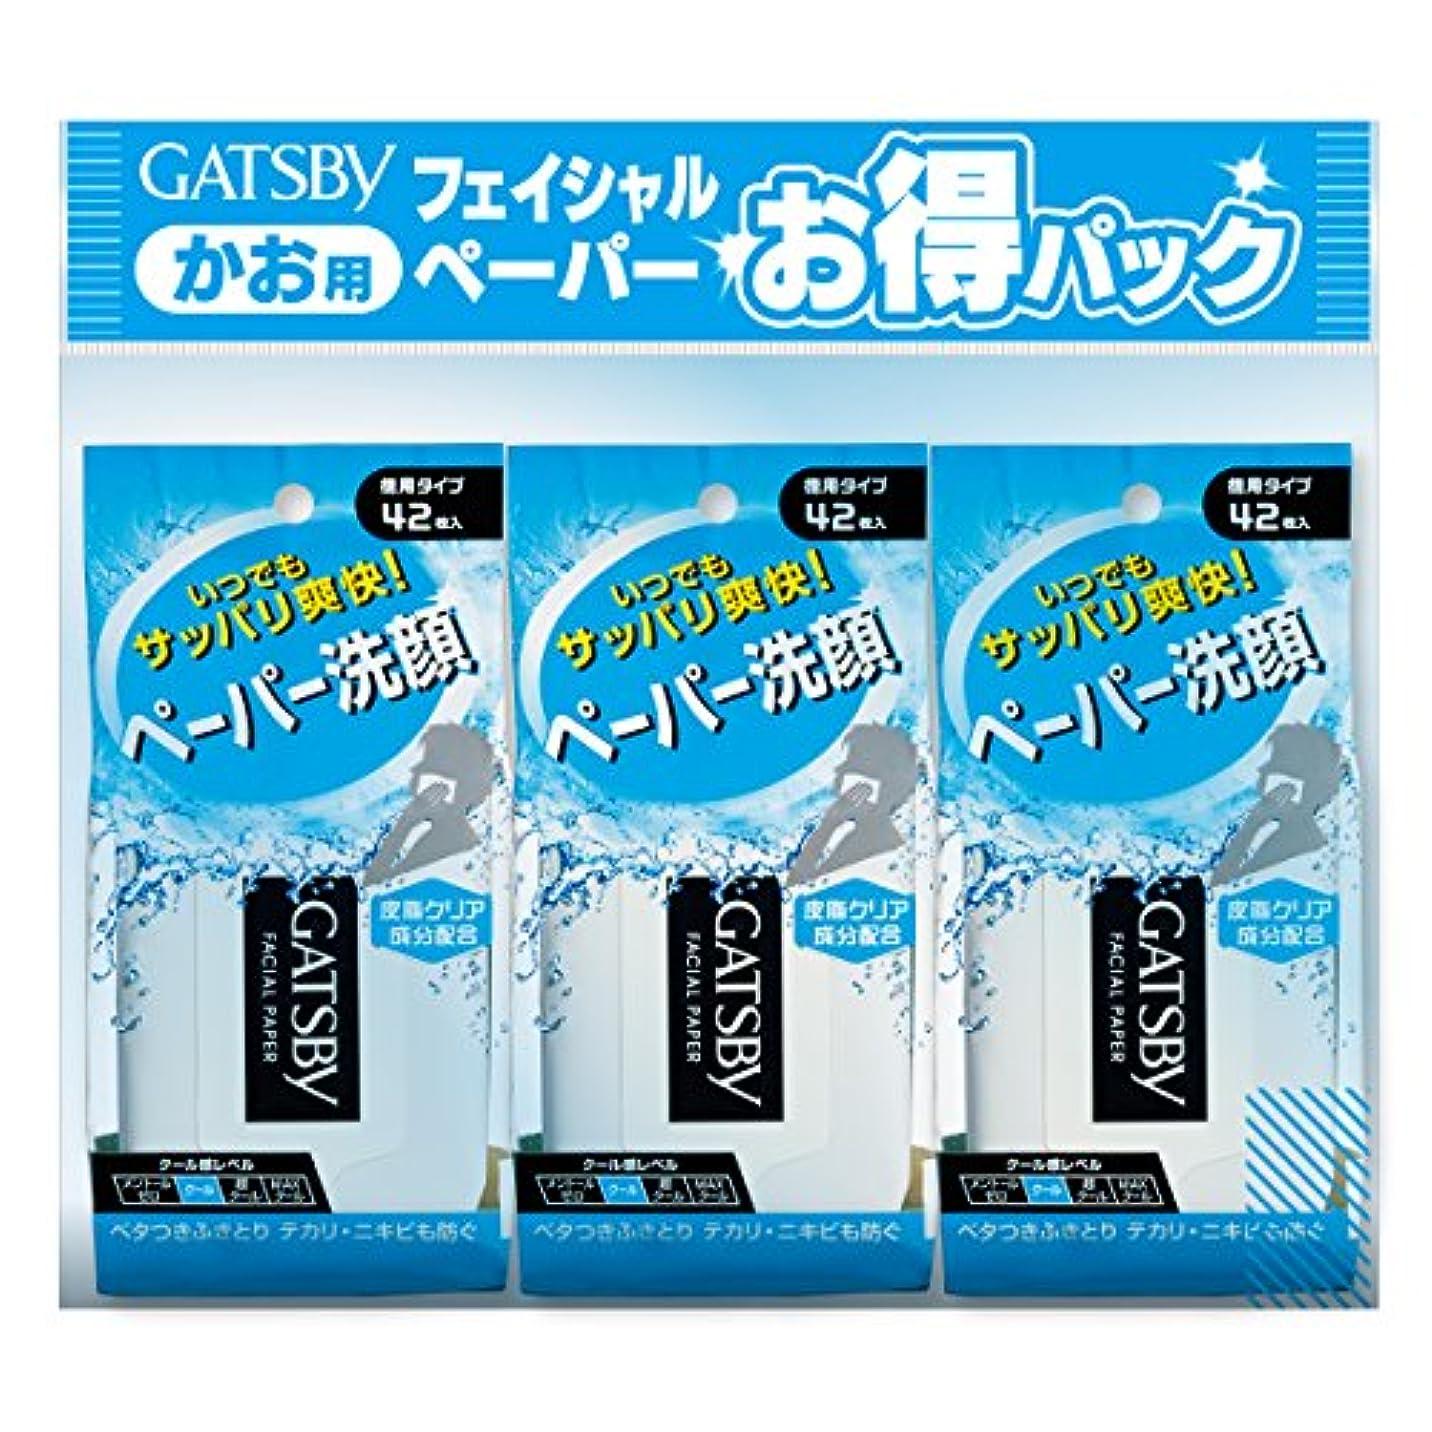 ステンレス慢性的寝具【Amazon.co.jp限定】 GATSBY(ギャツビー) ギャツビー(GATSBY) フェイシャルペーパー 徳用42枚×3個パック